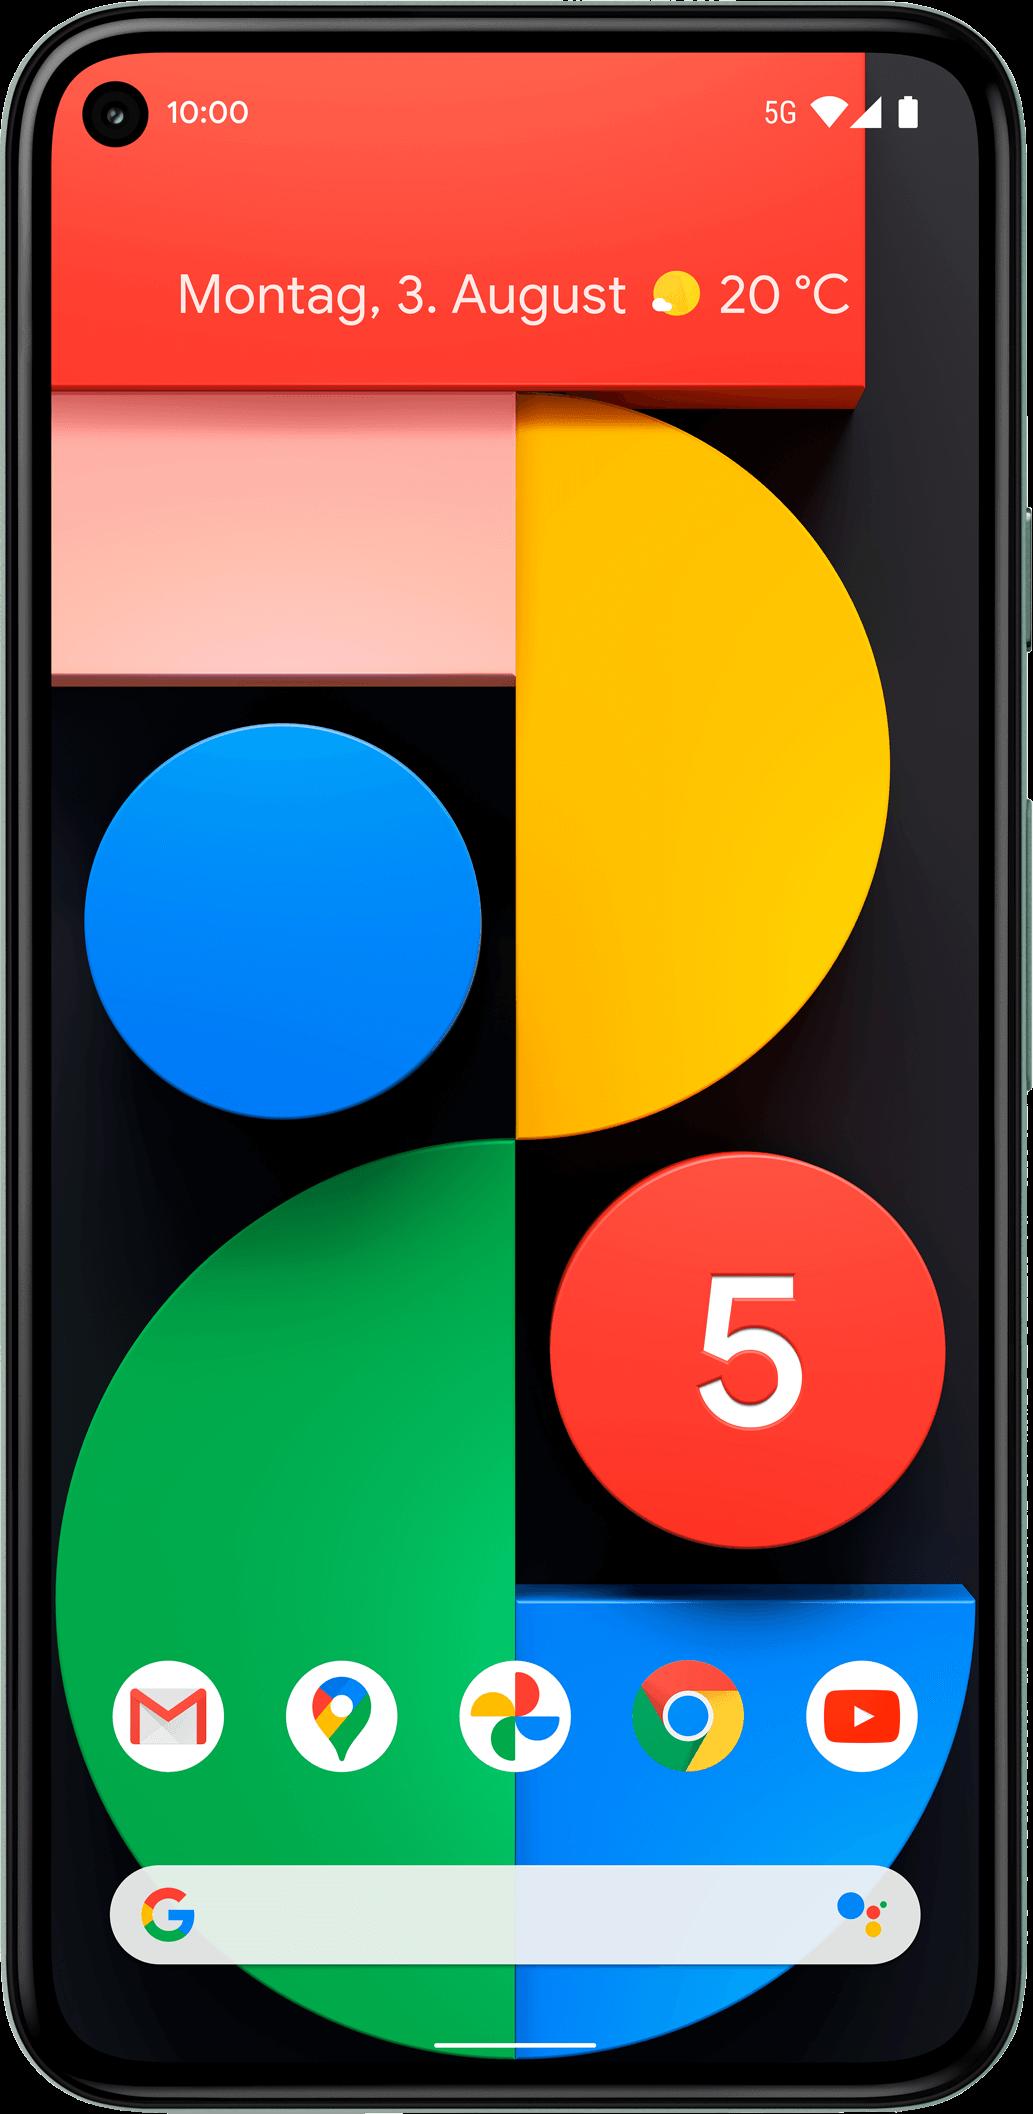 Geräteabbildung Google Pixel 5